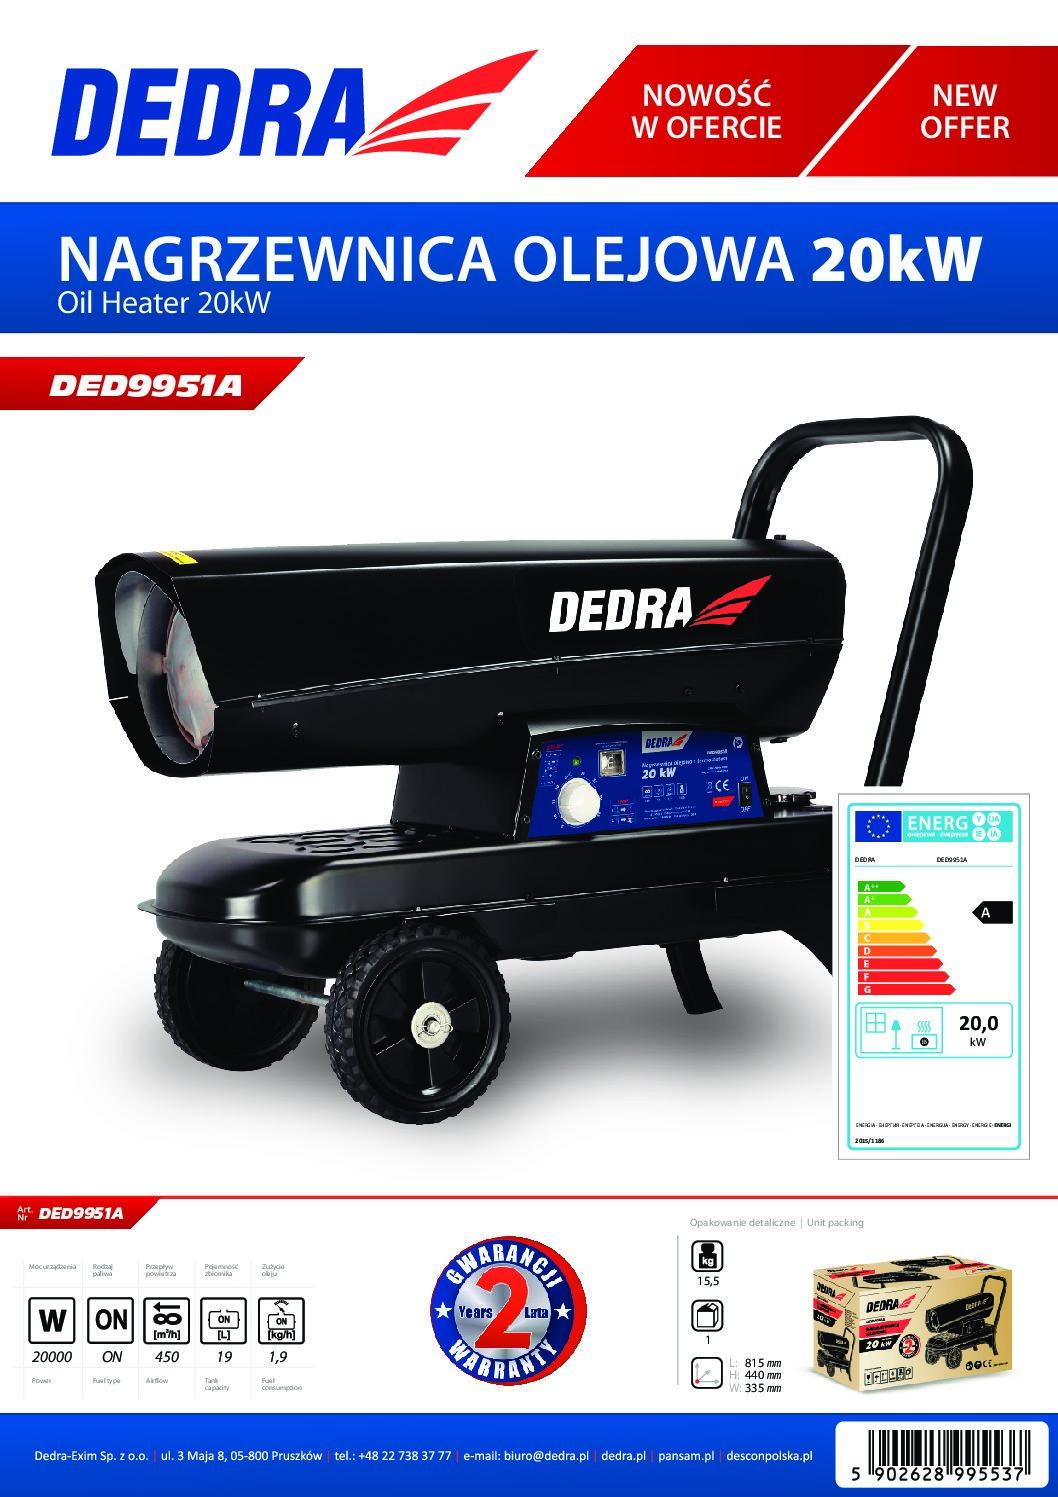 Dedra olajüzemű gázolajos hőlégfúvó 20kW kerekekkel DED9951A